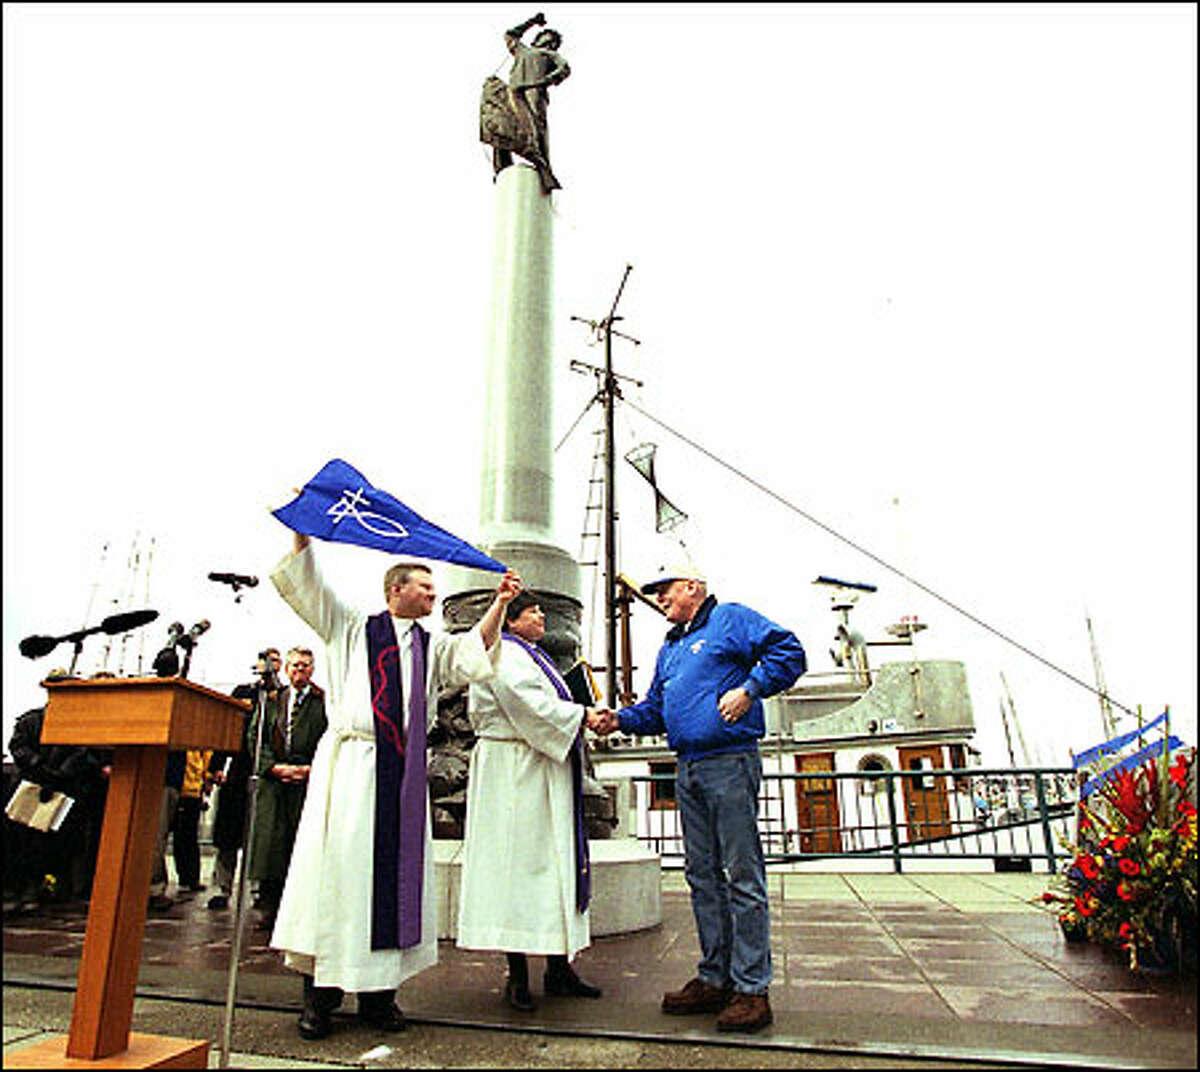 Pastors Erik Wilson Weiberg, left, and Laurie Jones present a